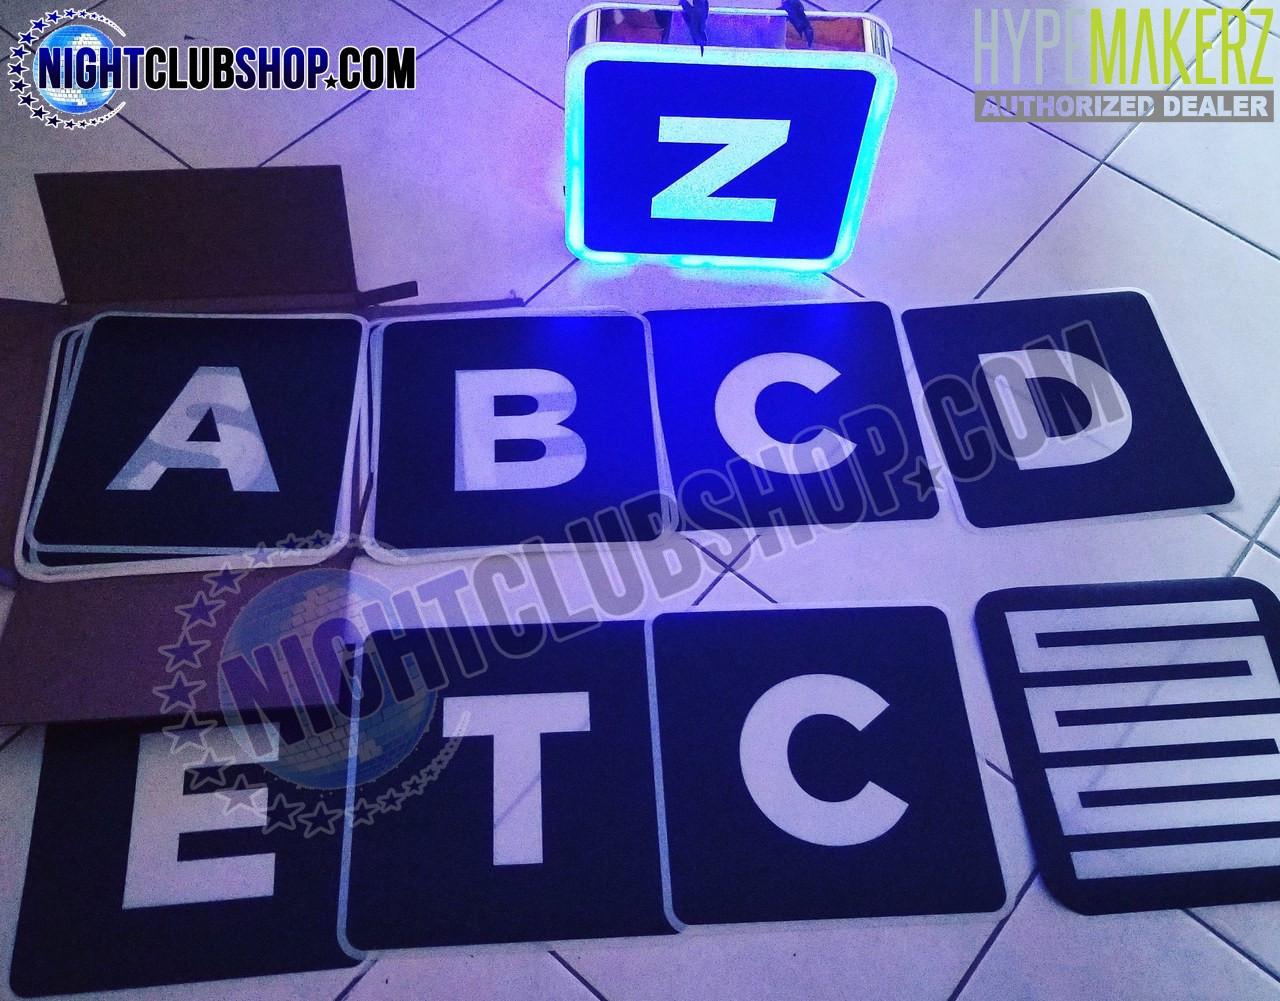 LED, Interchangeable, Letter, Box, Shields, Custom, Customizable, Bottle, Service, Presenter